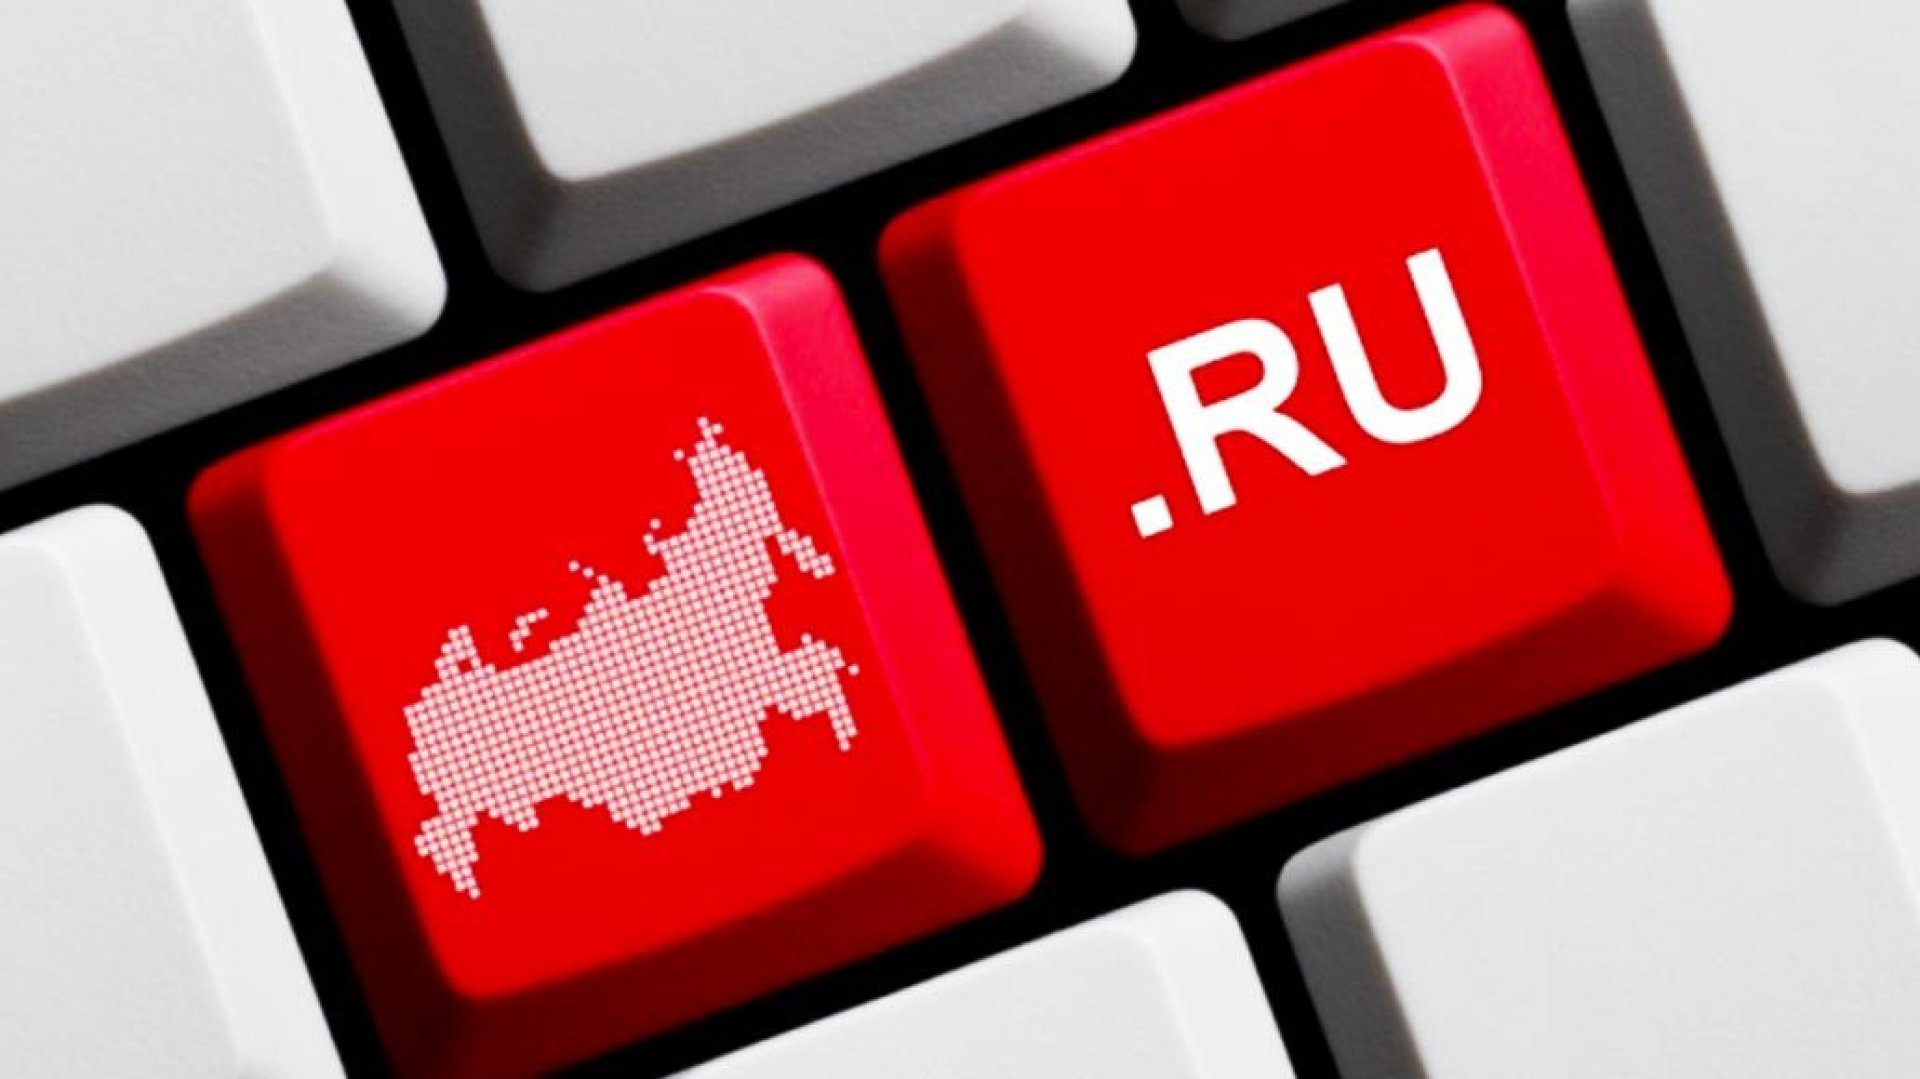 Власти назвали три типа угроз суверенному Рунету